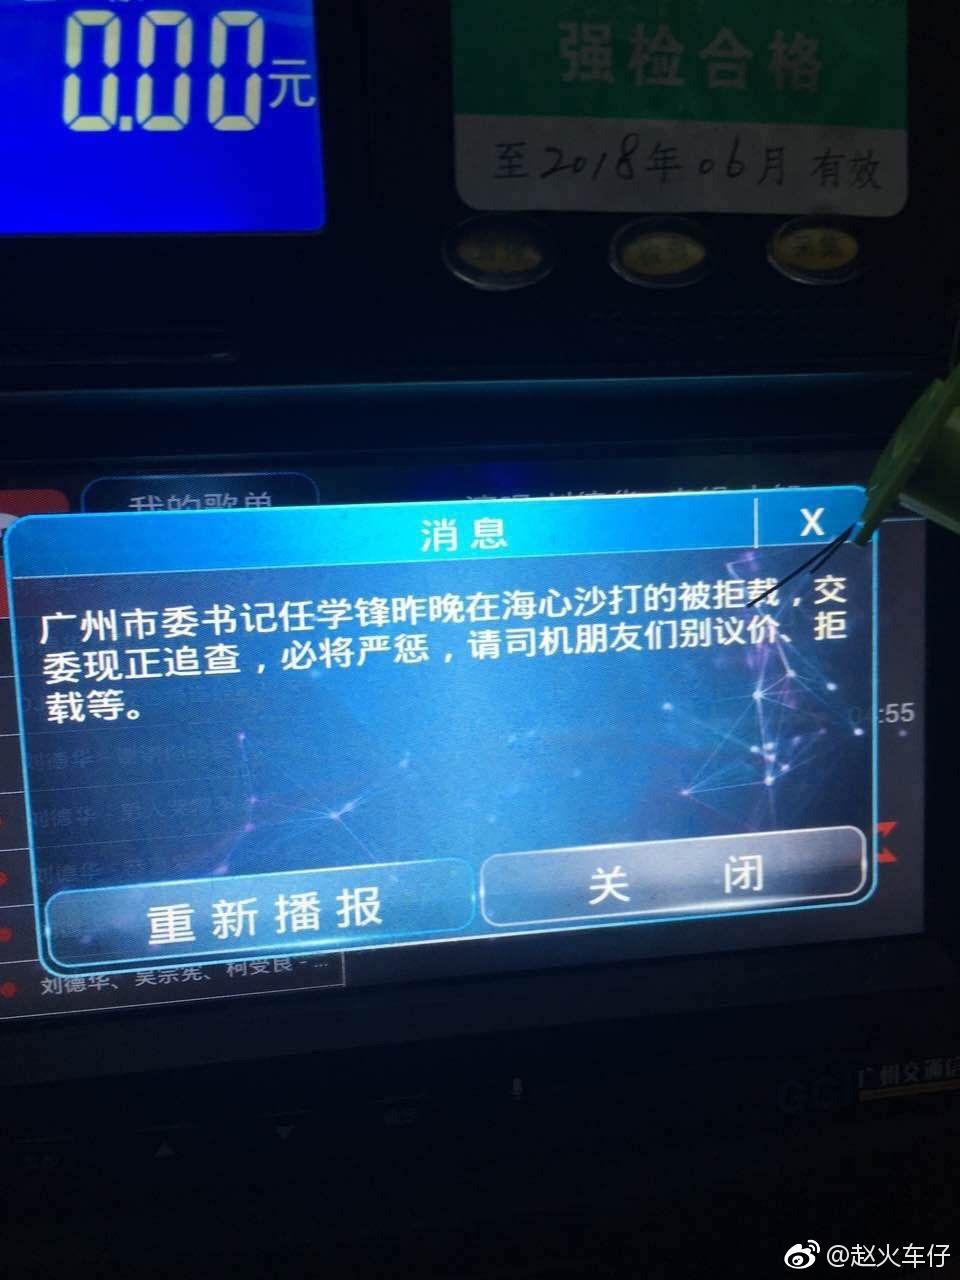 【河蟹档案】天朝404避讳禁忌词典